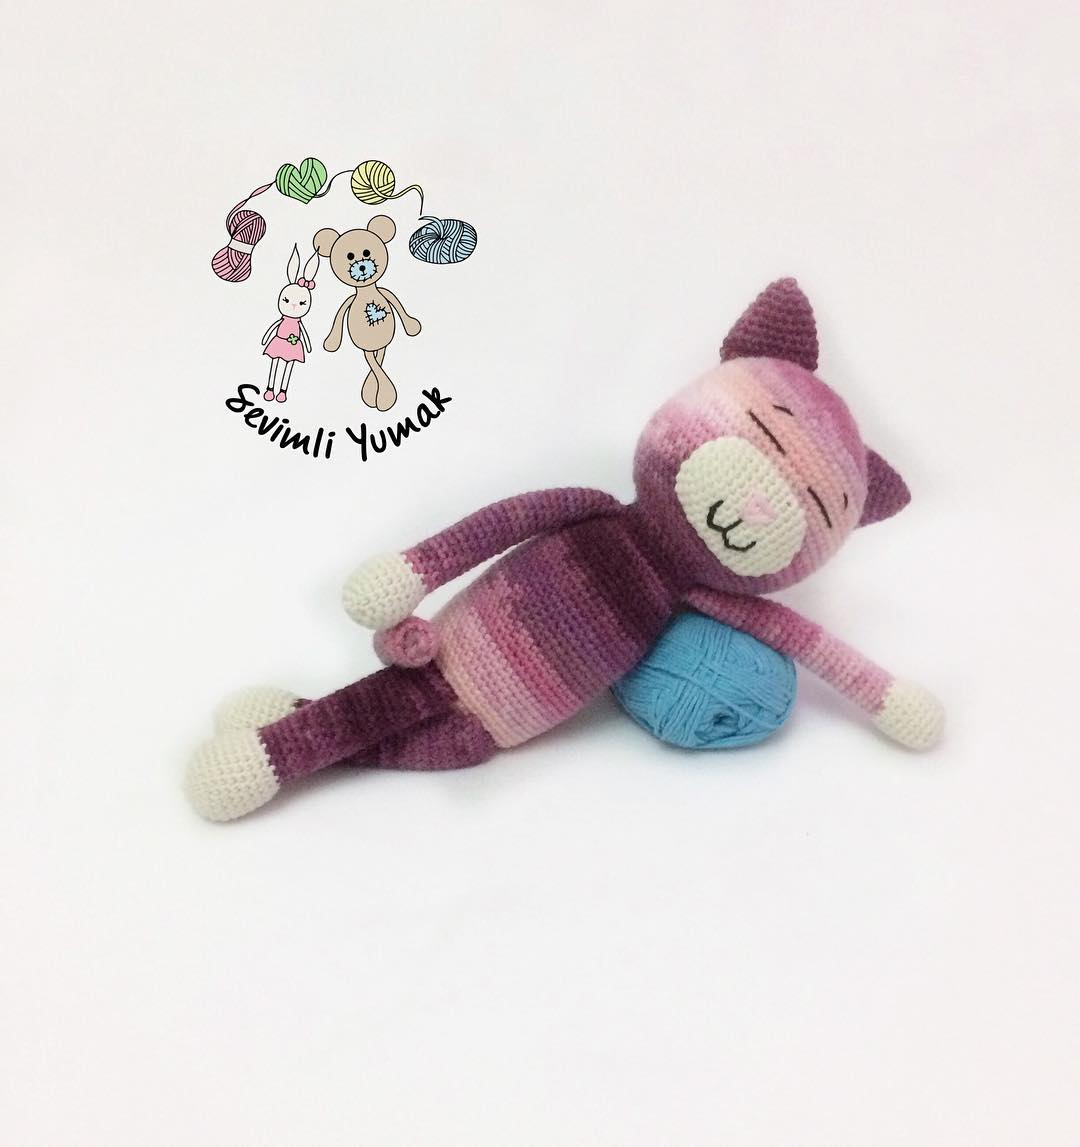 Amigurumi Büyük Boy Kedi Yapımı Tarifi - Mimuu.com | 1147x1080